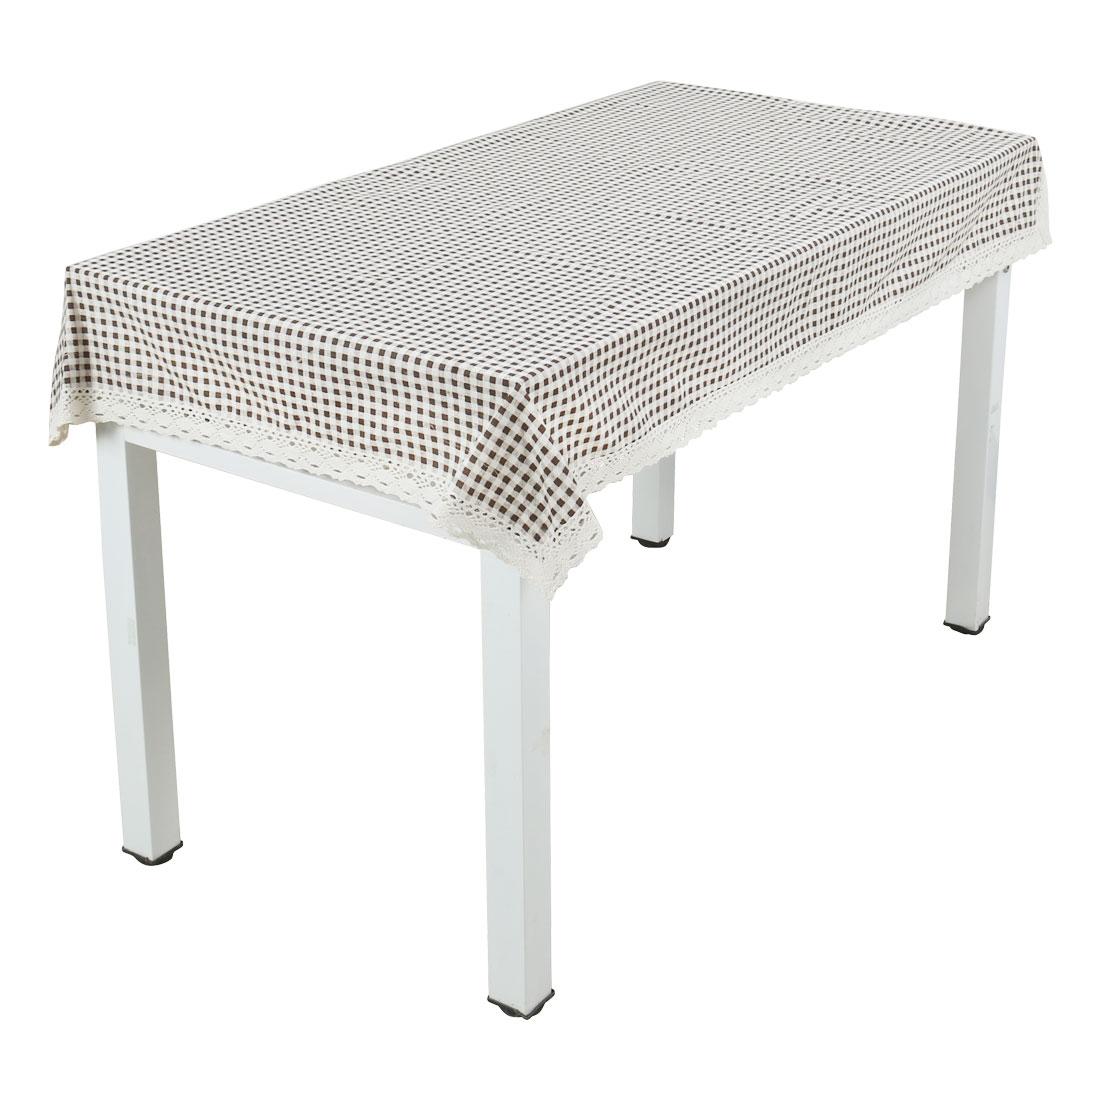 Vintage Coffee Color Plaid Tablecloth Cotton Linen Washable Table Cover 140 x 180cm